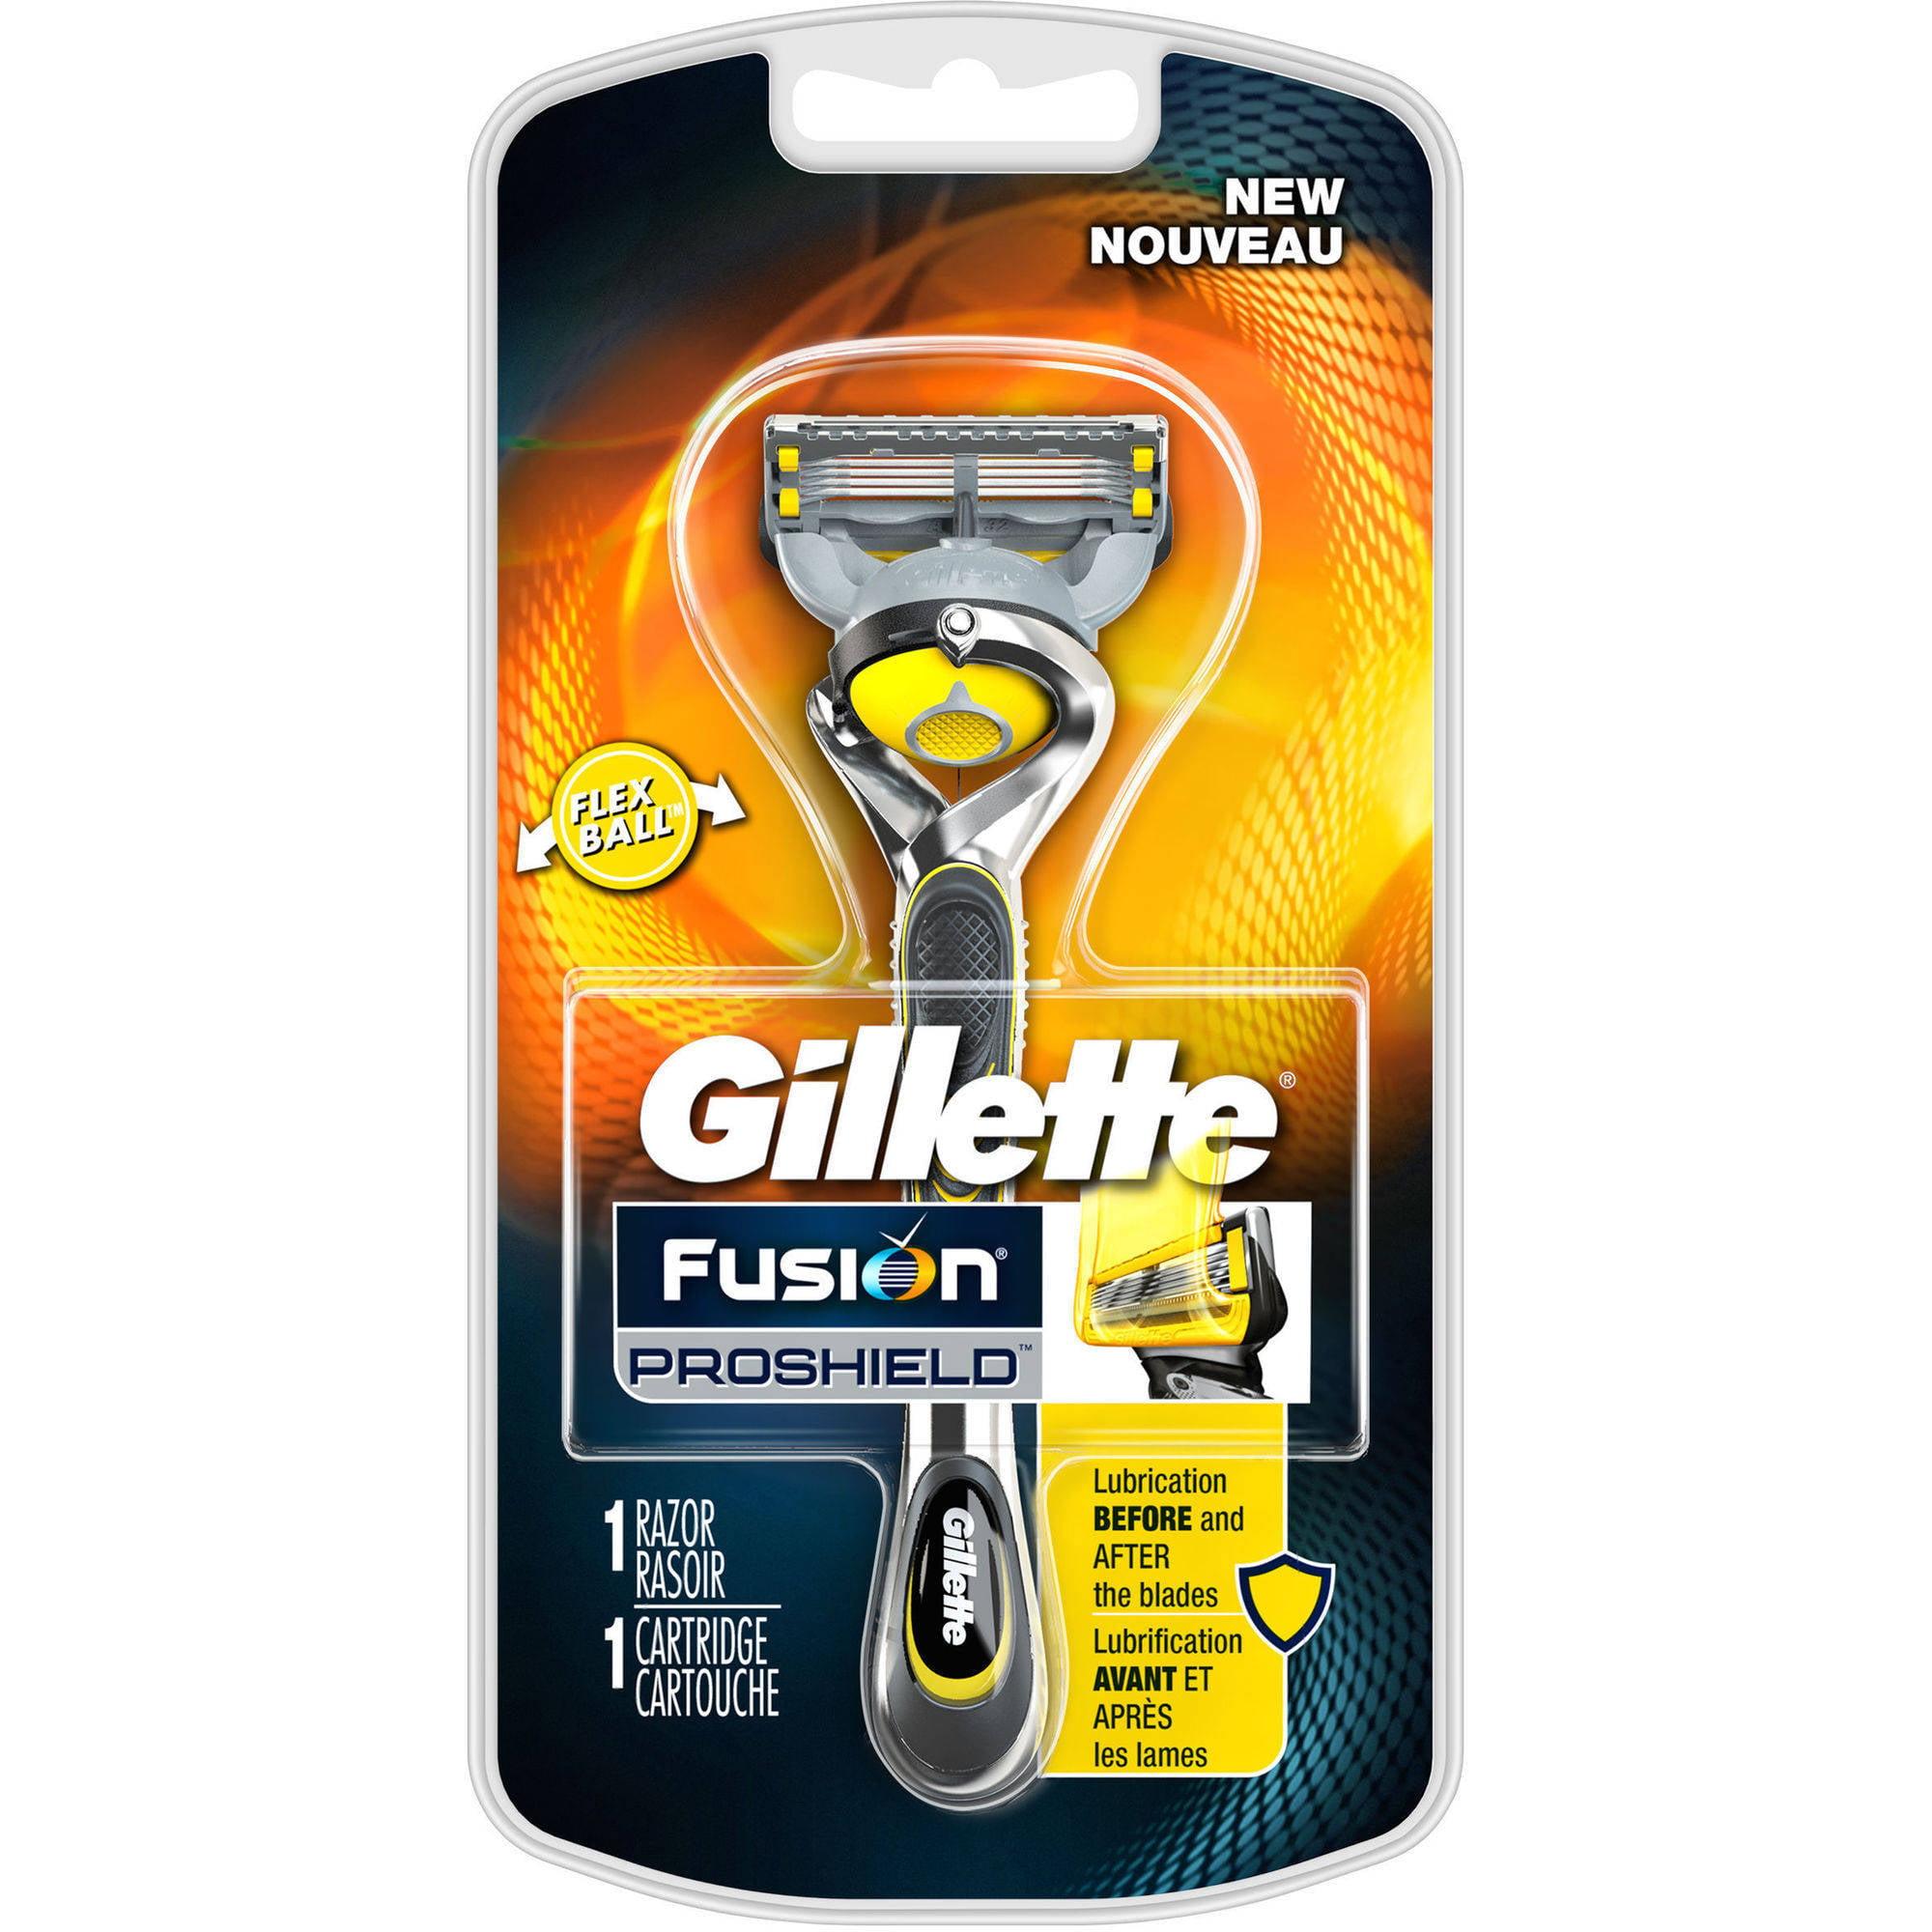 Gillette Fusion ProShield Men's Razor with Blade Refill, 2 pc